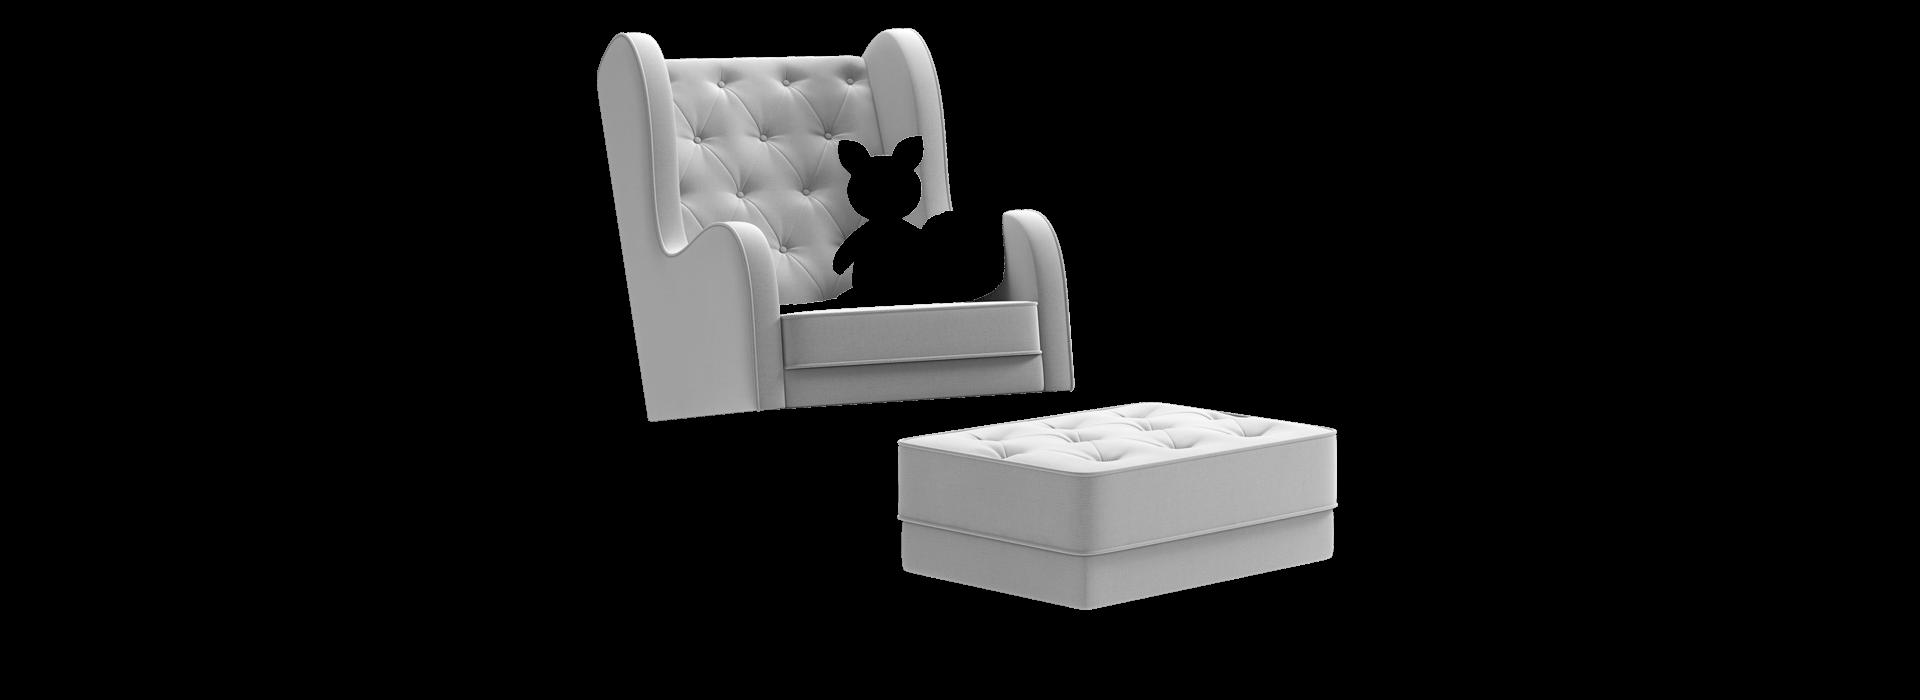 Майа A кресло-качалка - маска 3